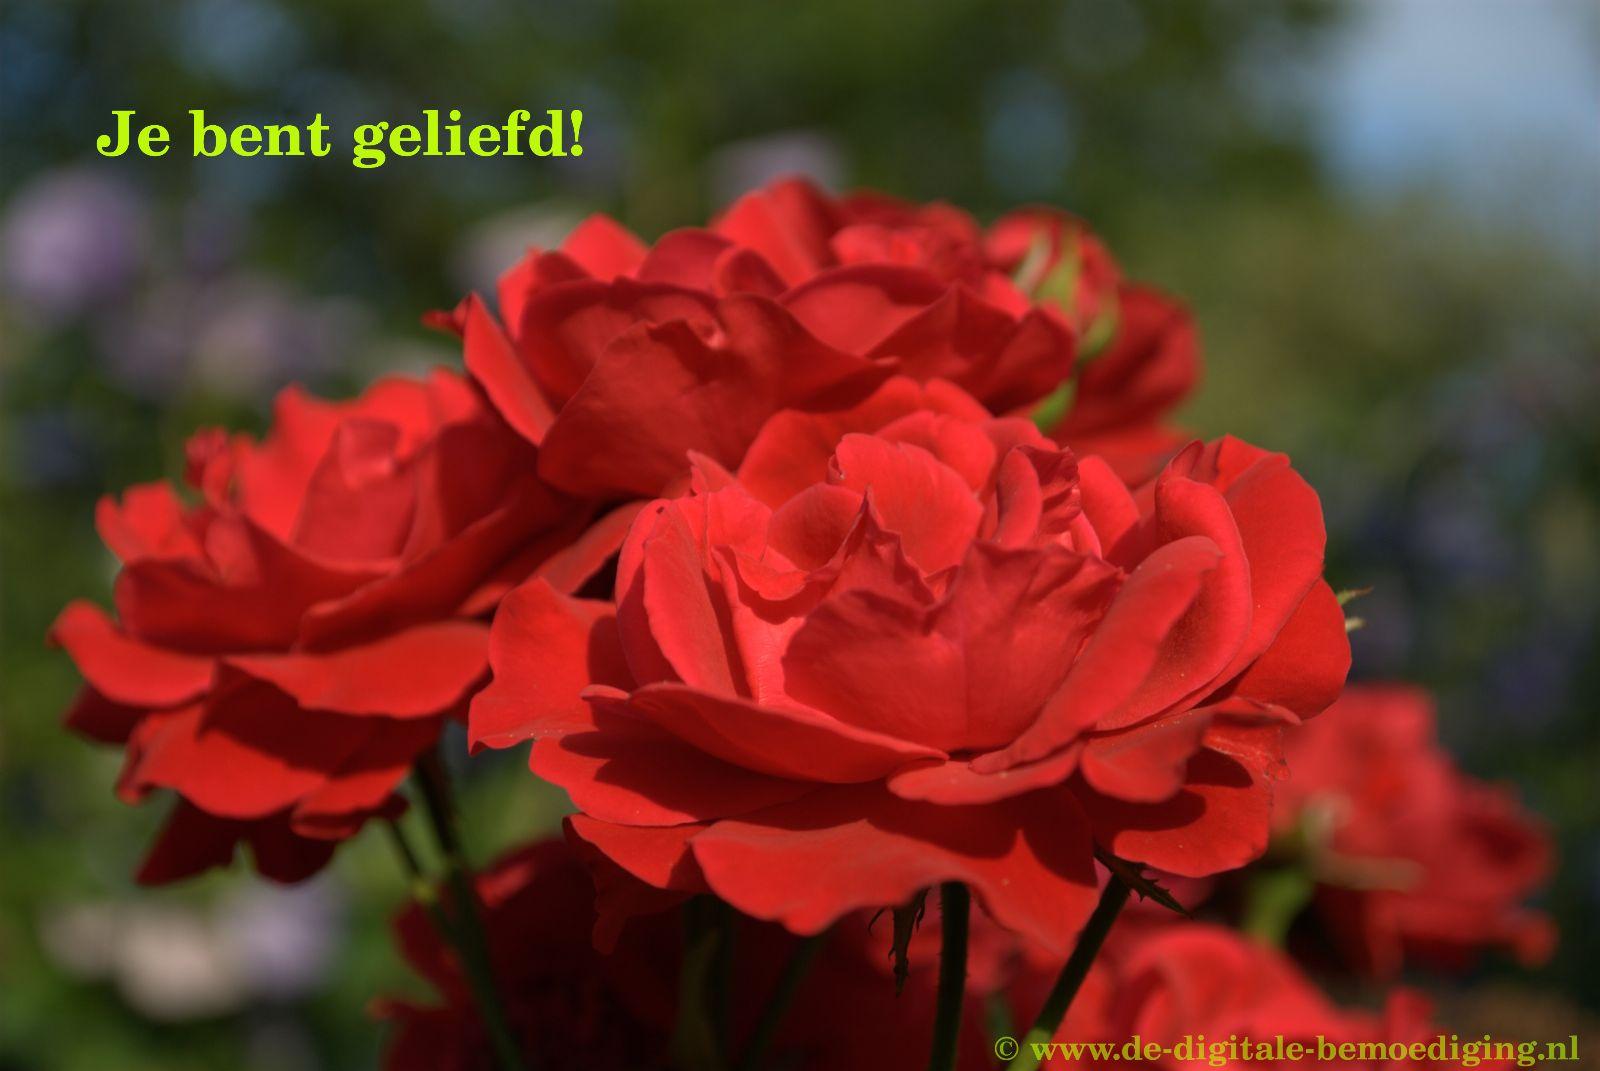 Je bent geliefd! Rode rozen